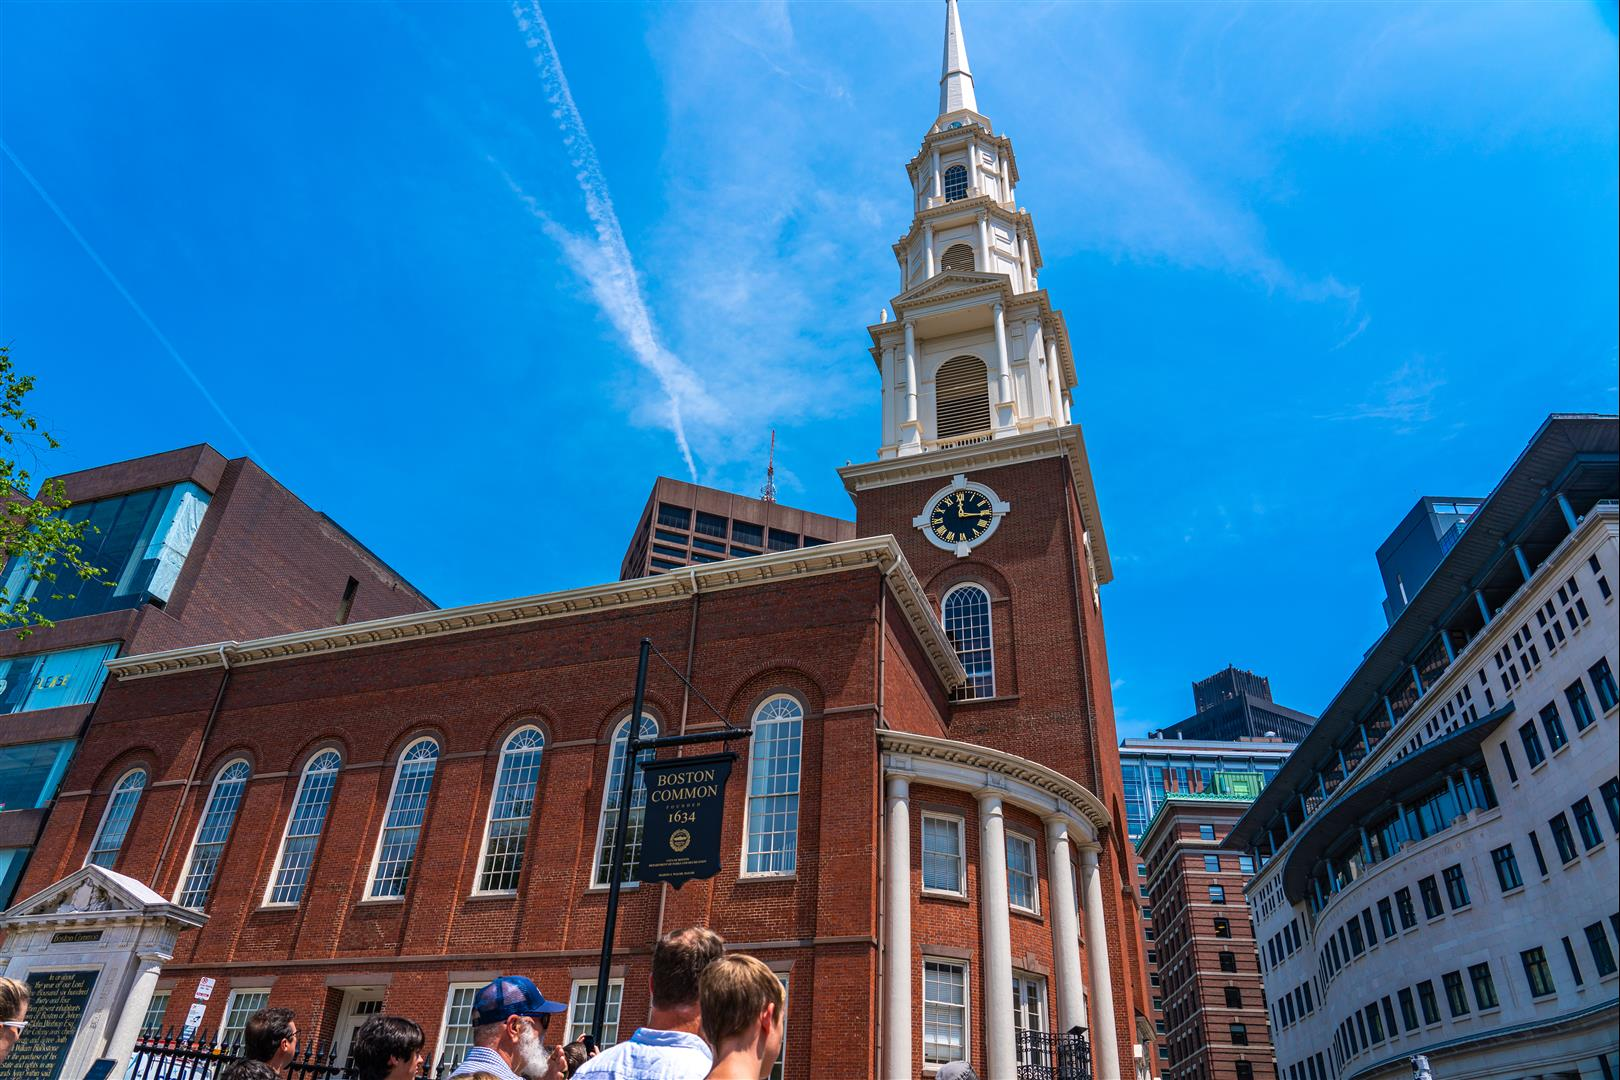 公園街教堂 (Park Street Church)